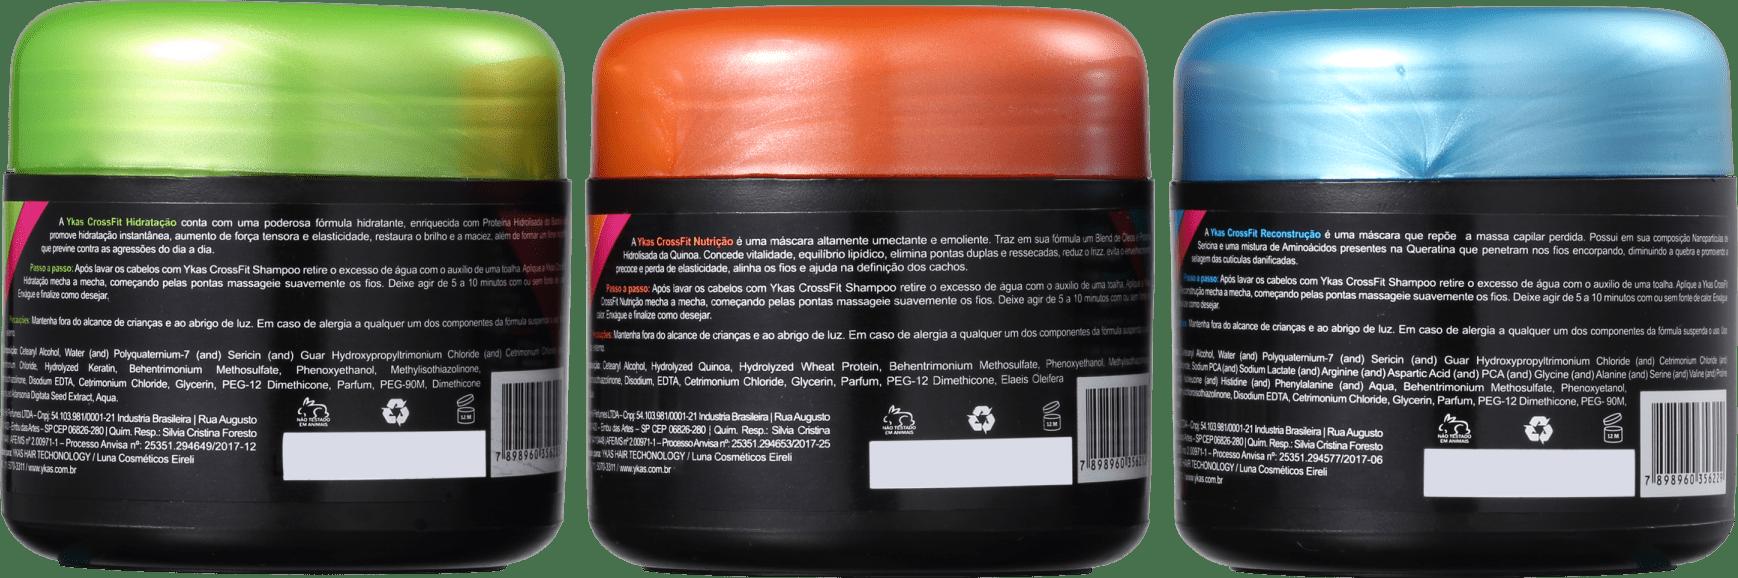 40a317c2496 Kit YKAS Crossfit Cronograma Capilar Express No Poo (3 Produtos)